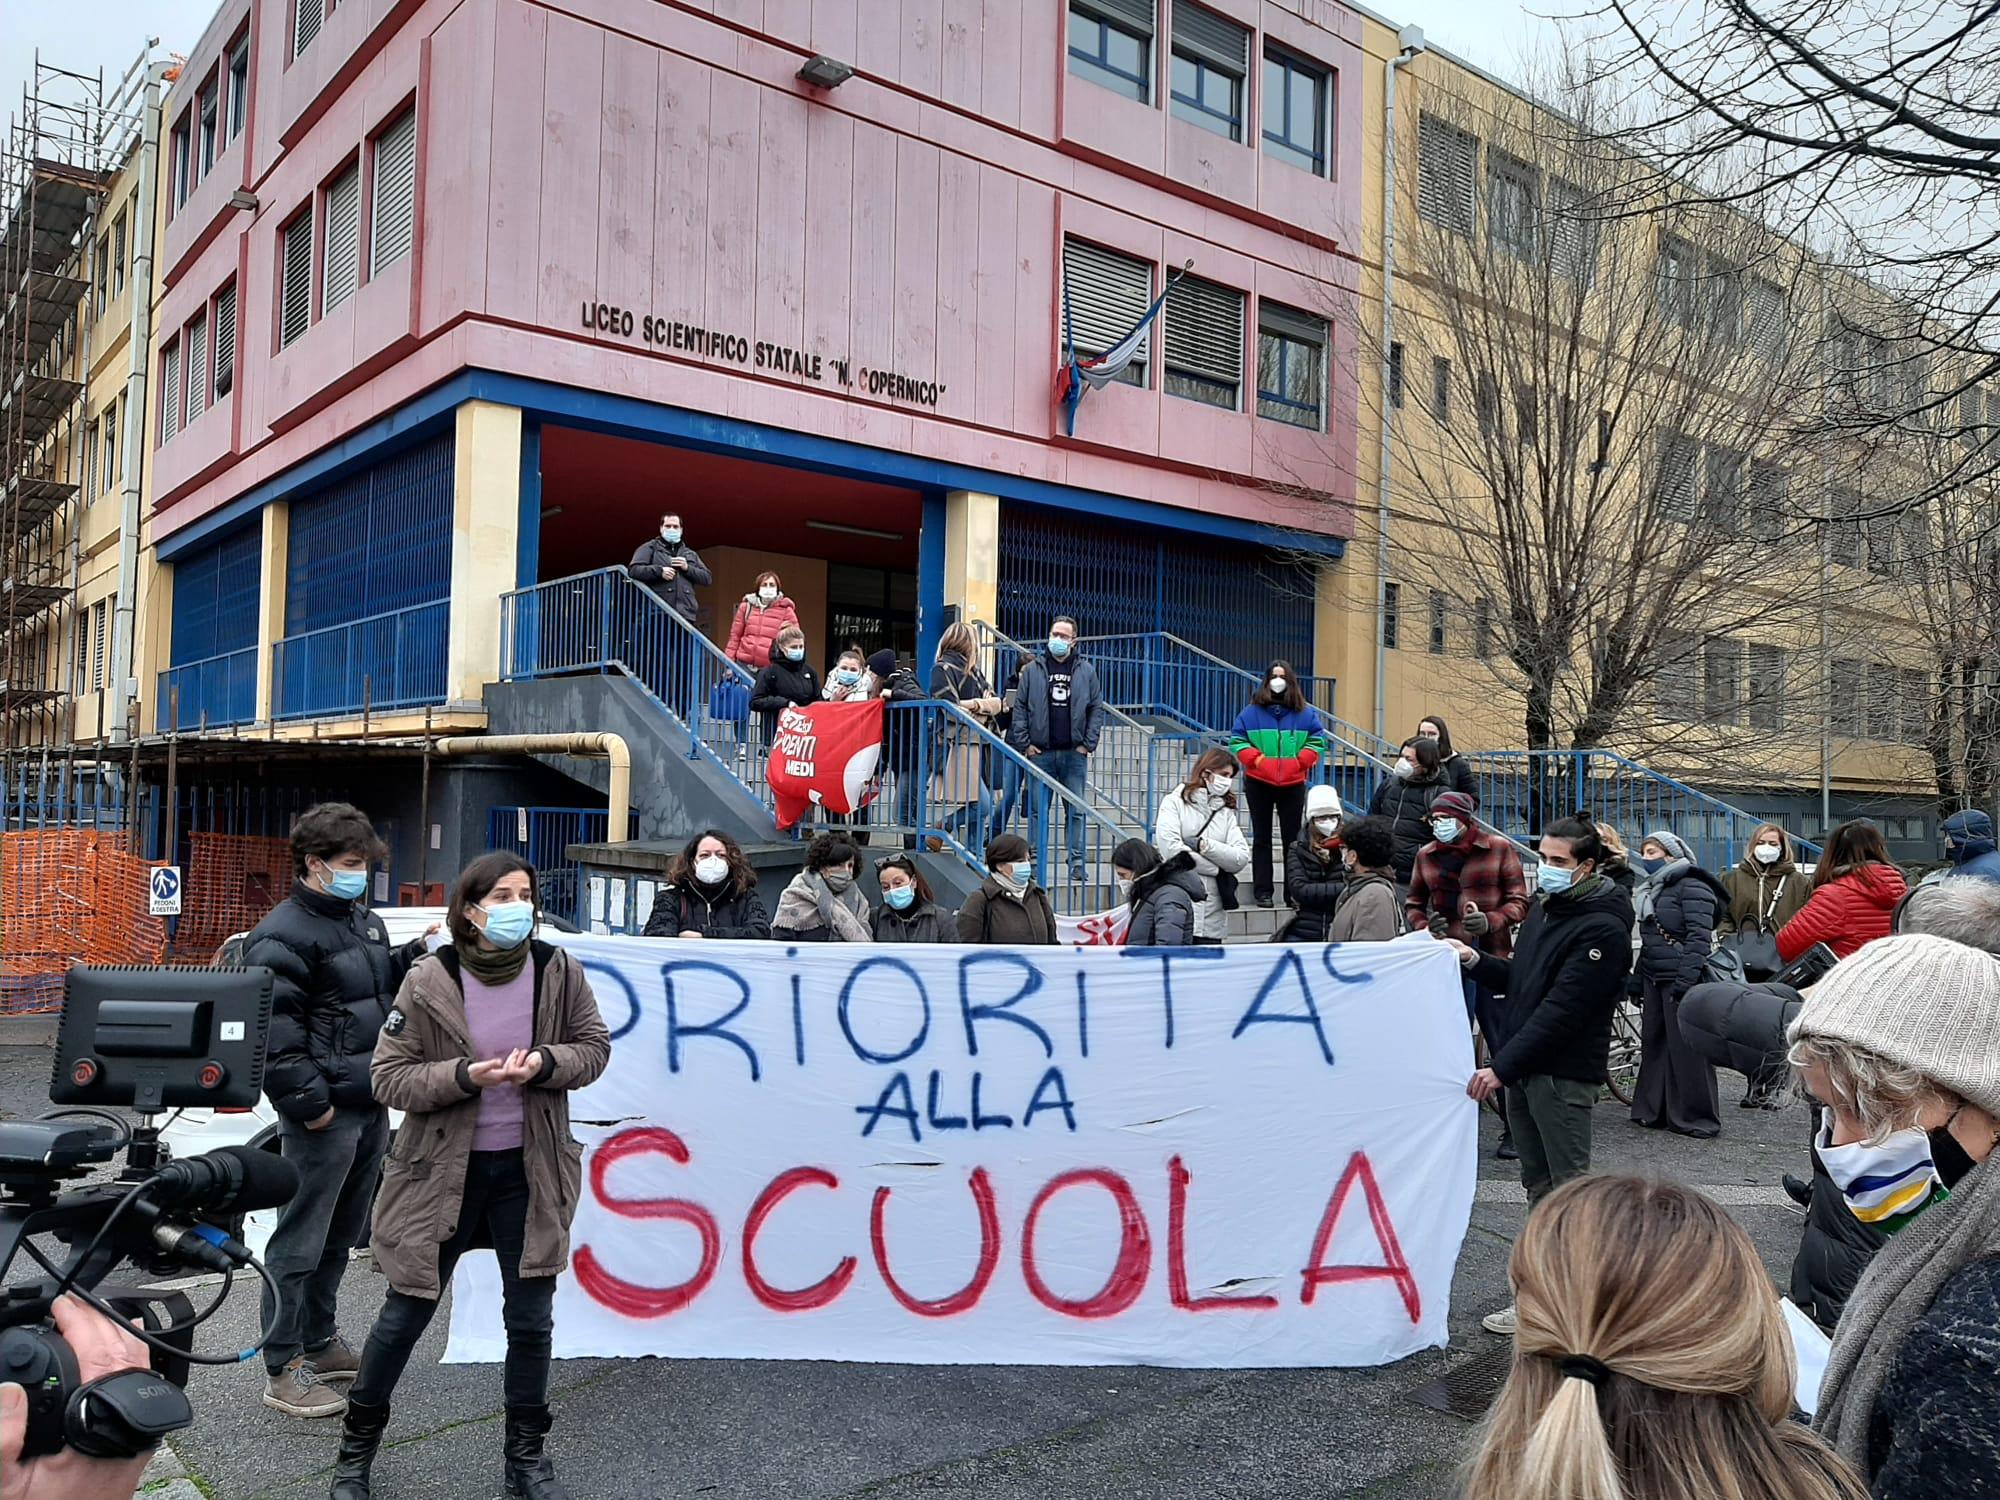 Priorità alla Scuola a Prato